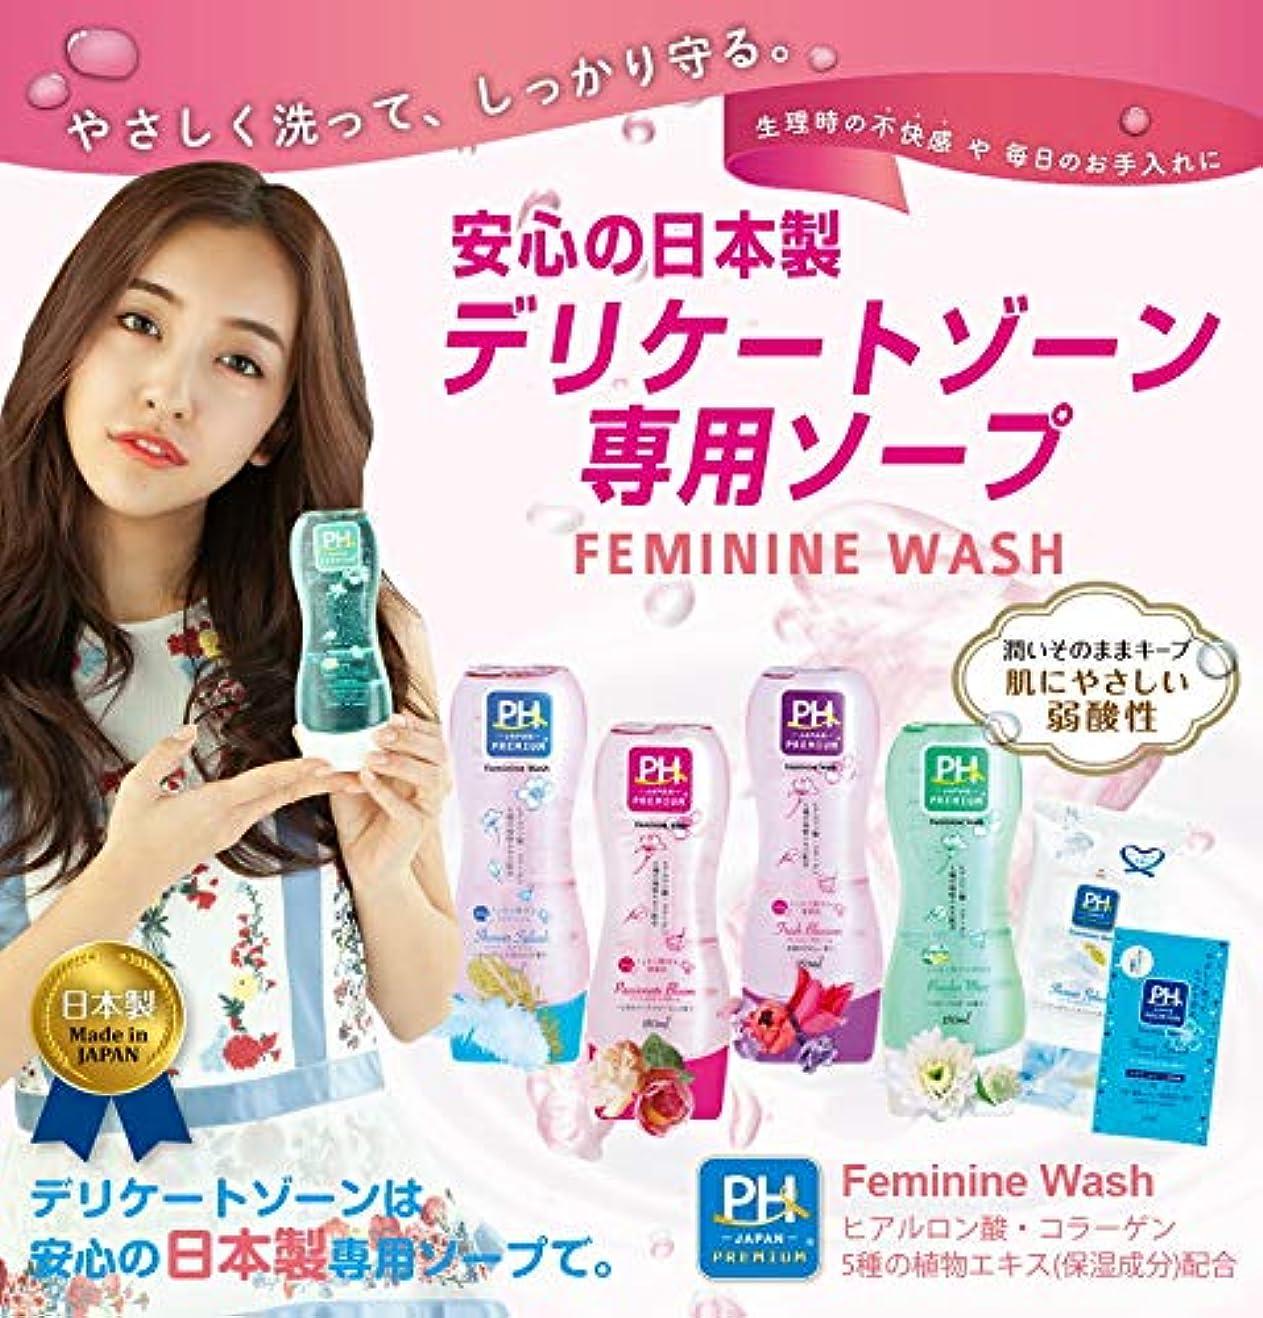 役に立つ開梱ピグマリオンPH JAPAN プレミアム フェミニンウォッシュ パッショネイトブルーム150ml上品なローズフローラルの香り 3本セット